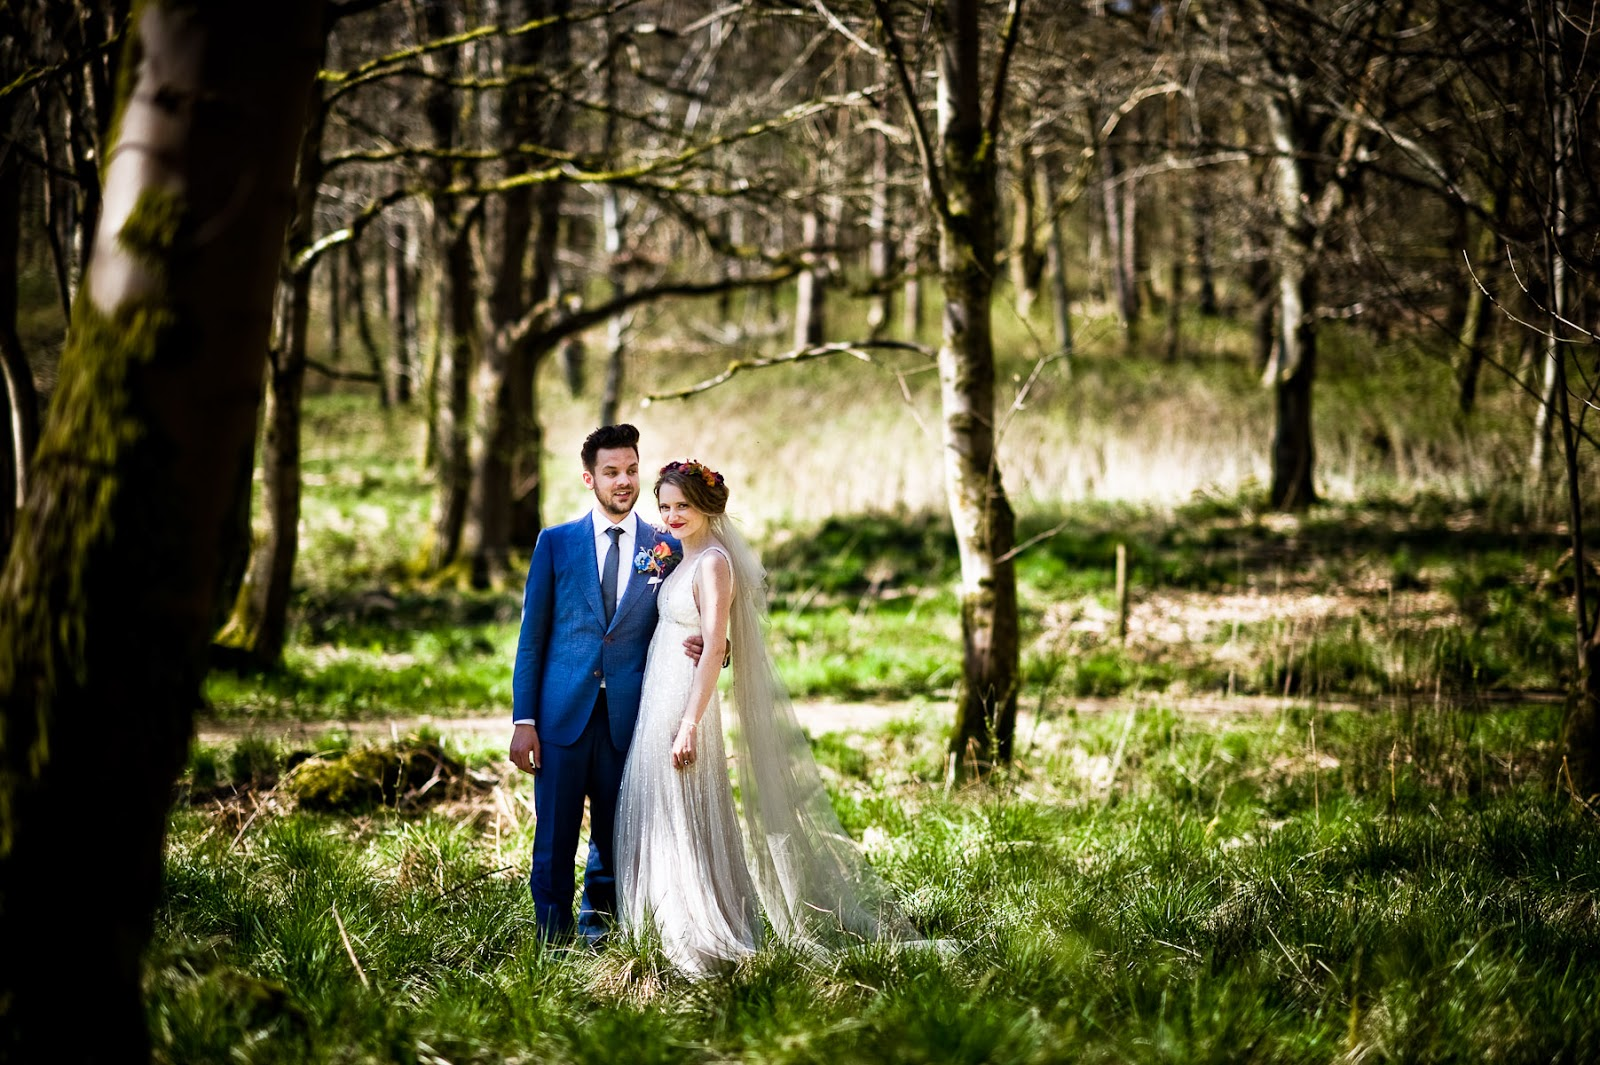 wedding photoshoot forest